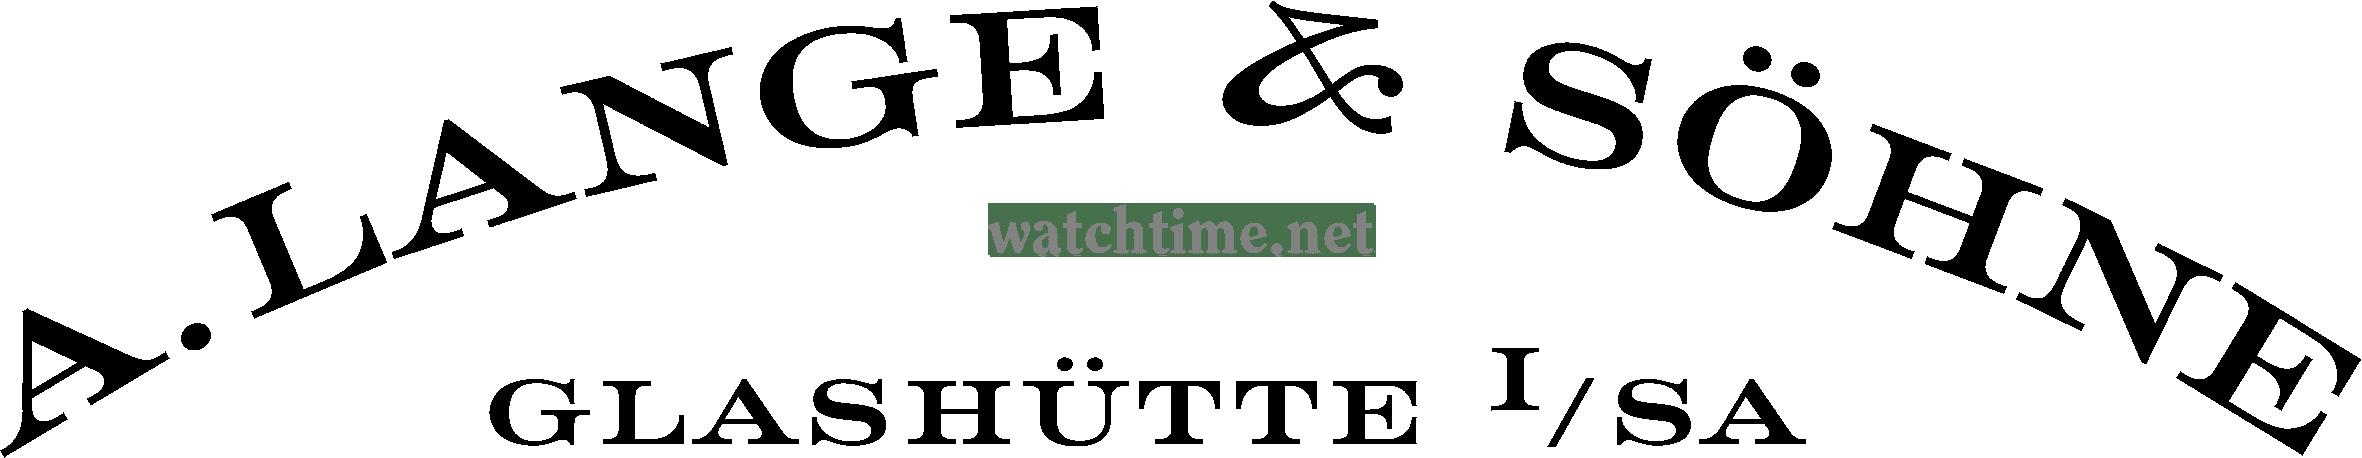 A. Lange & Söhne: Neuer CEO » Das Uhren Portal: Watchtime.net